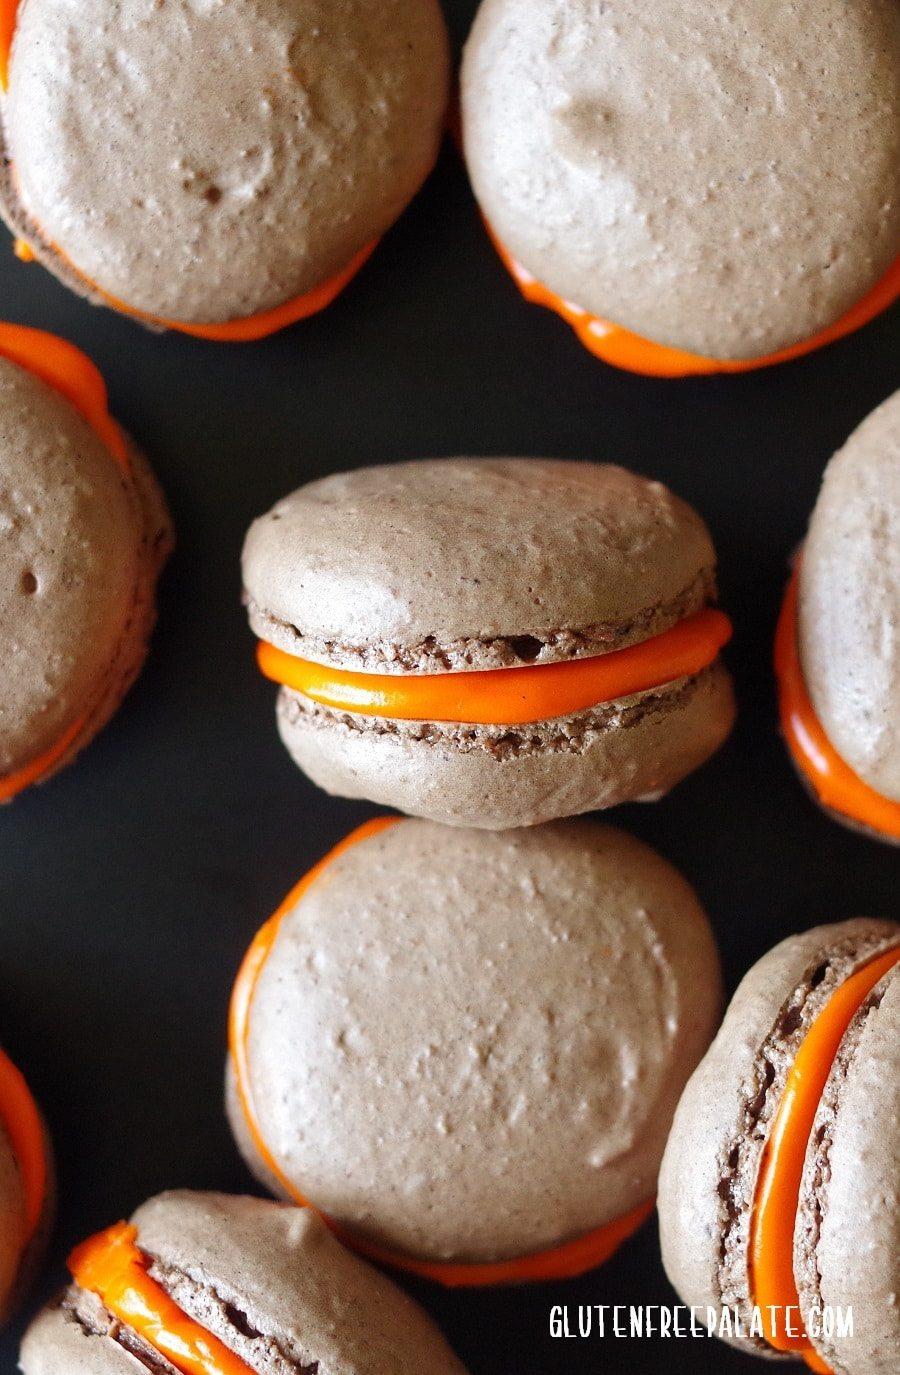 Gluten Free Chocolate Macarons